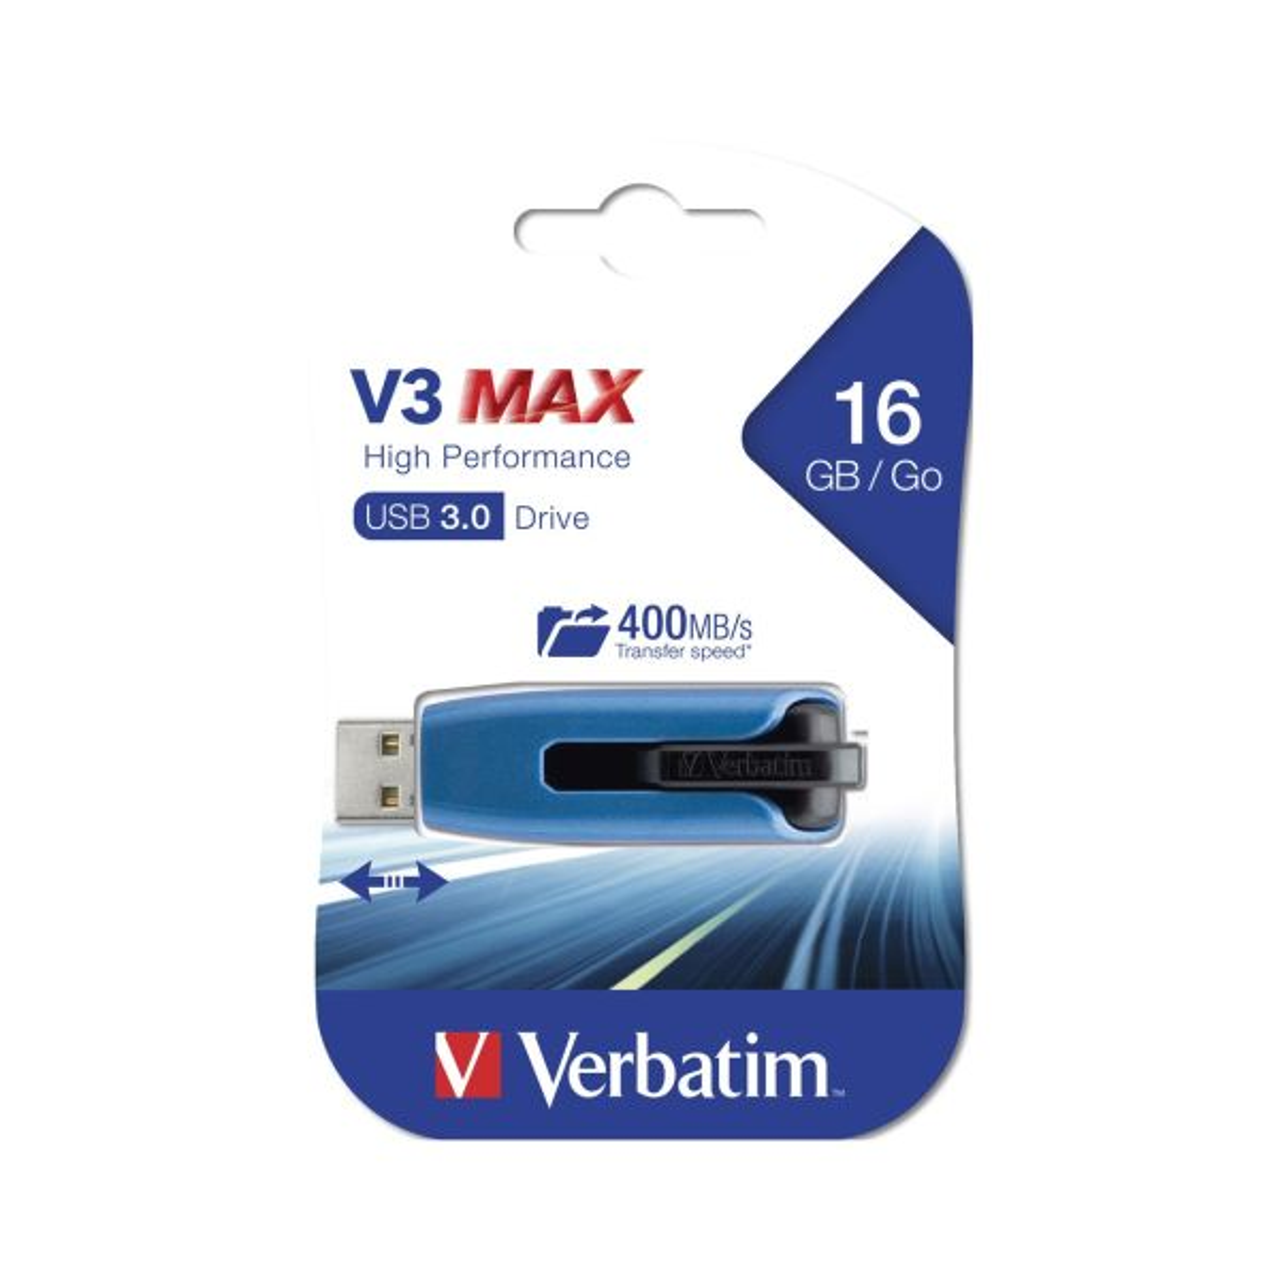 فلش مموری ورباتیم مدل Store n Go V3 Max  ظرفیت 16 گیگابایت